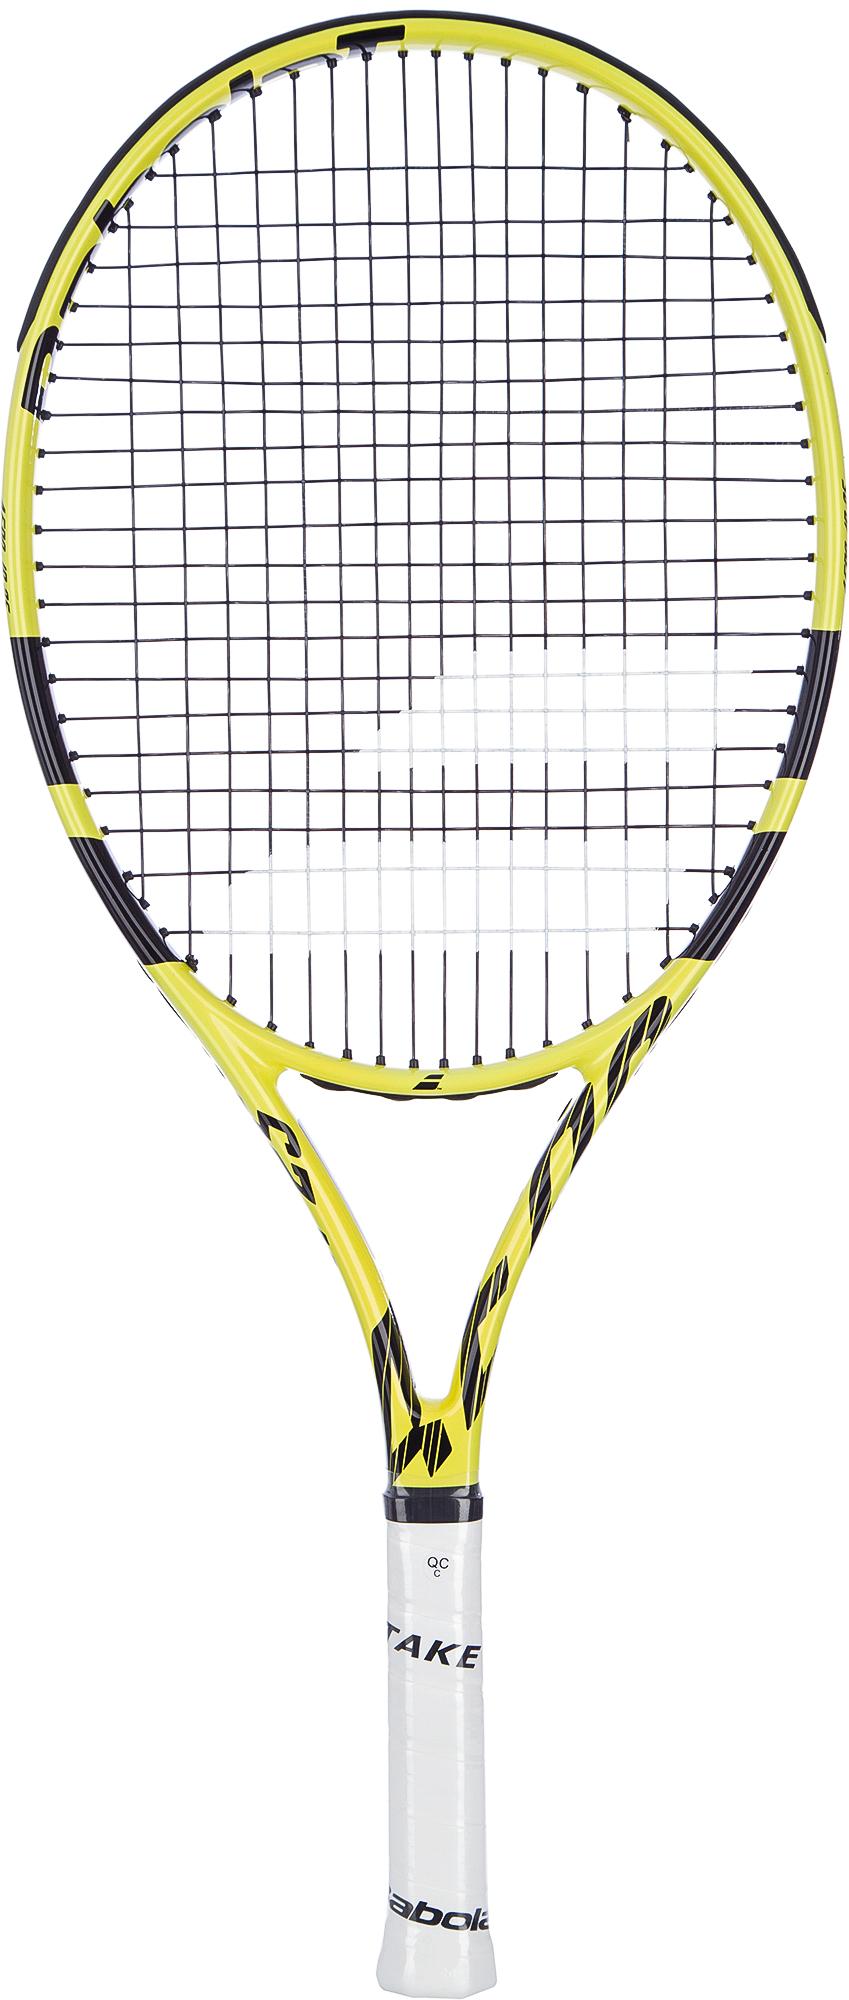 Babolat Ракетка для большого тенниса детская Babolat AERO JUNIOR 25 babolat набор мячей для большого тенниса babolat championship x3 размер без размера